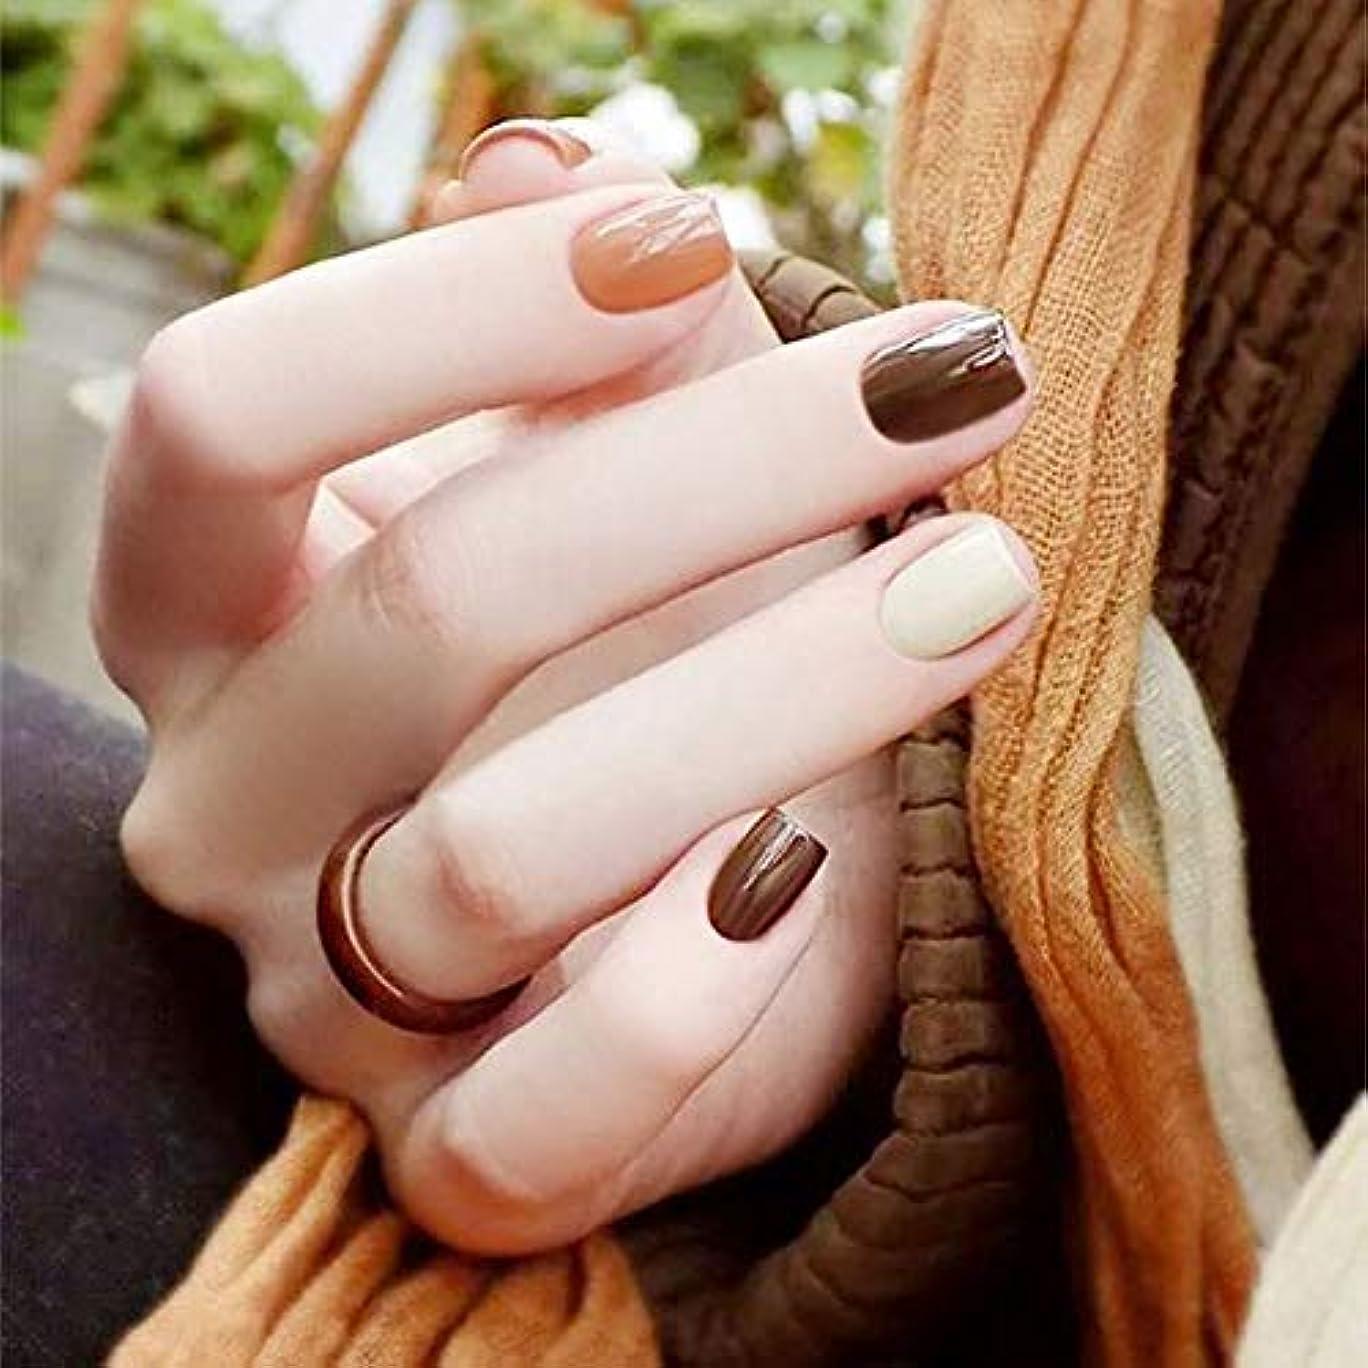 契約したケープヘビ短いさネイルチップ 無地 ネイルチップ 方の頭 多色マッチング 美しい かわいい 手作りネイルチップ 24枚入 (T7)